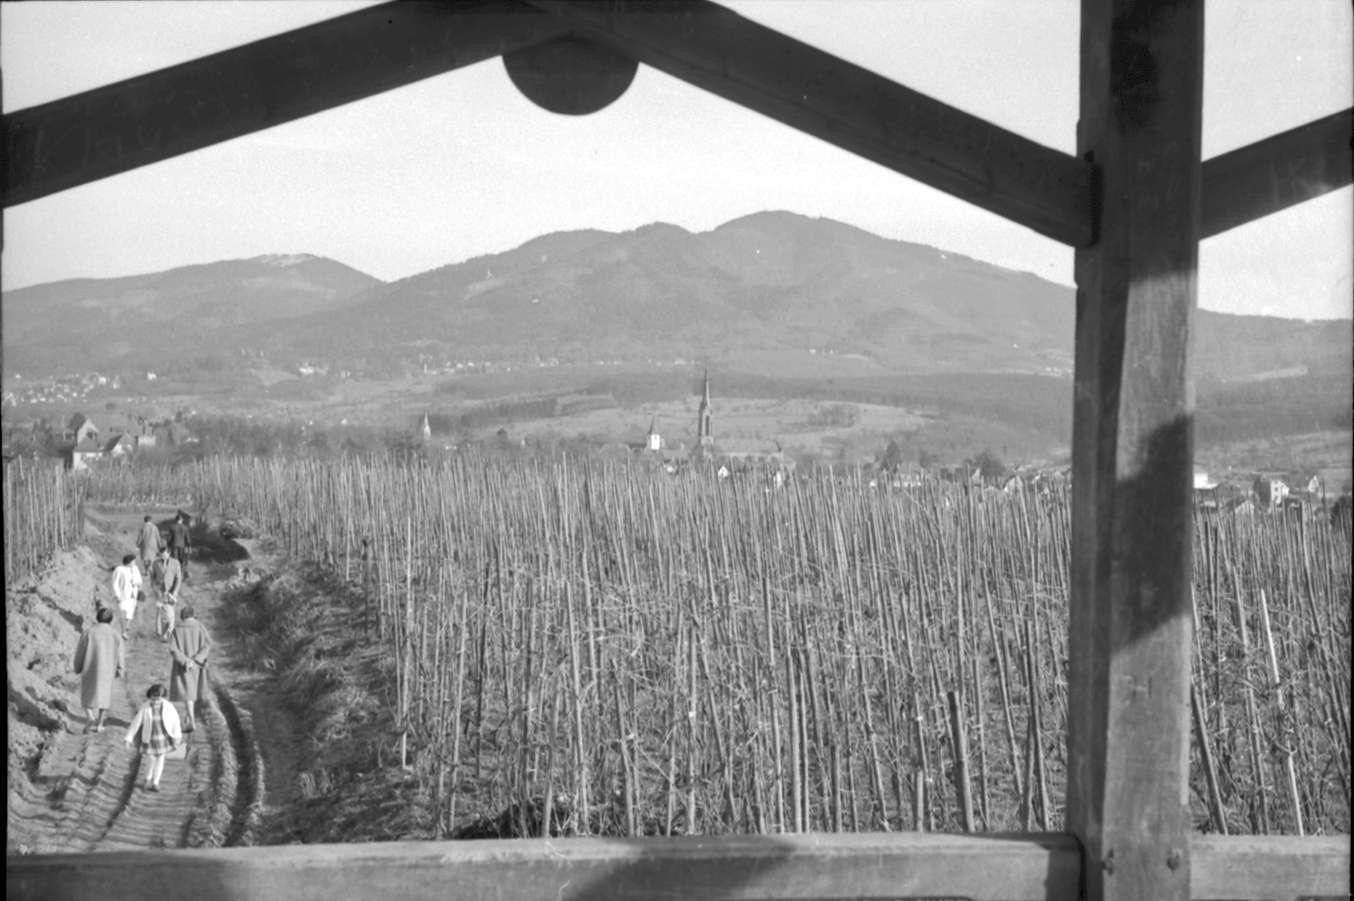 Müllheim: Blick vom Zielberg aus Pavillon über Rebhänge auf Blauen, Bild 1